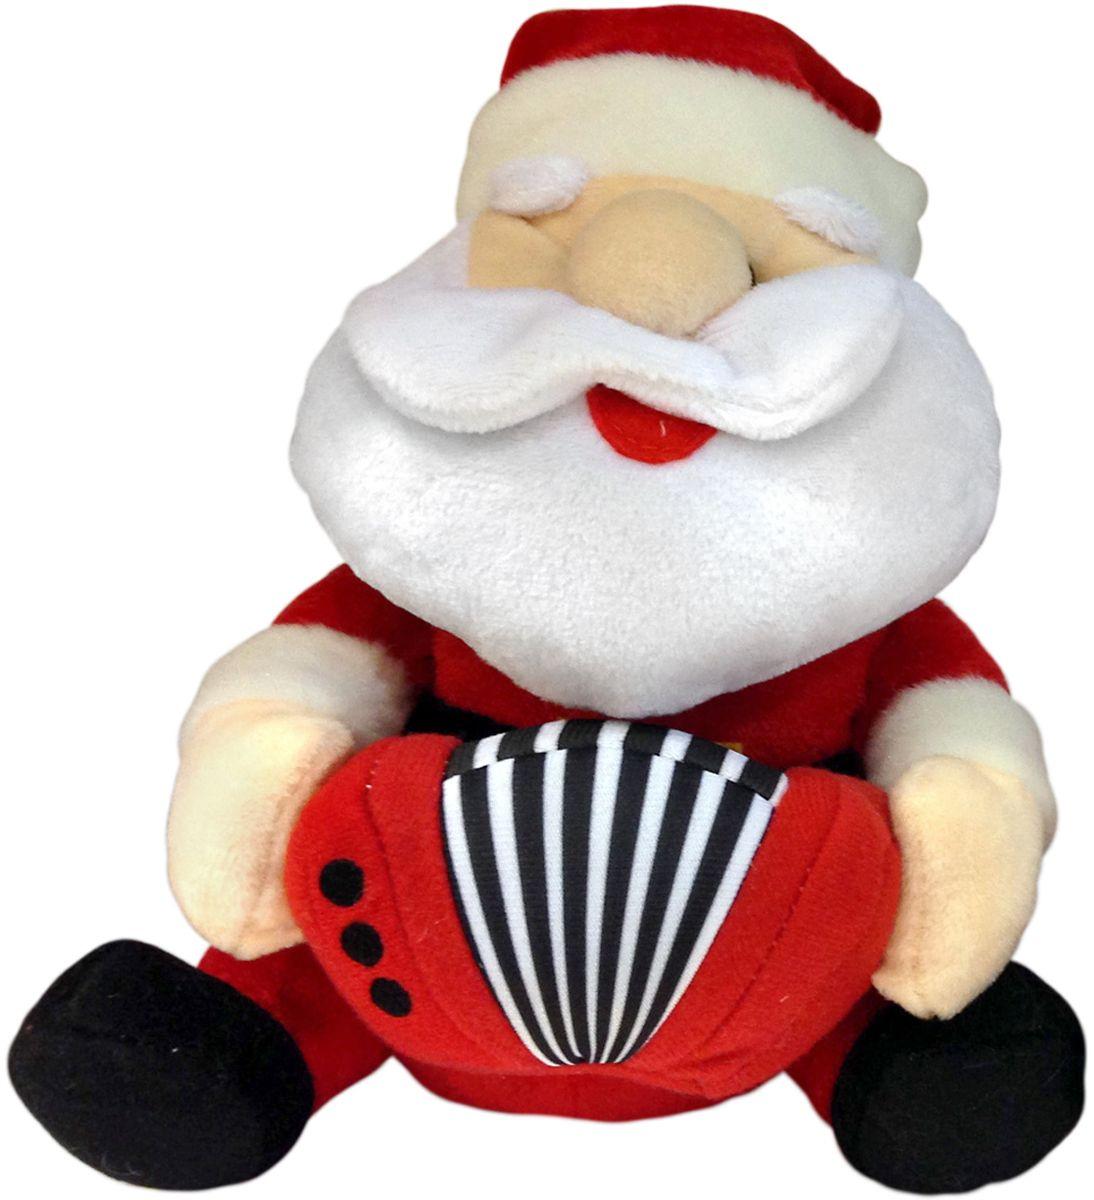 Lapa House Мягкая озвученная игрушка Санта с гармонью 21 см с есенин сергей есенин собрание сочинений в одной книге